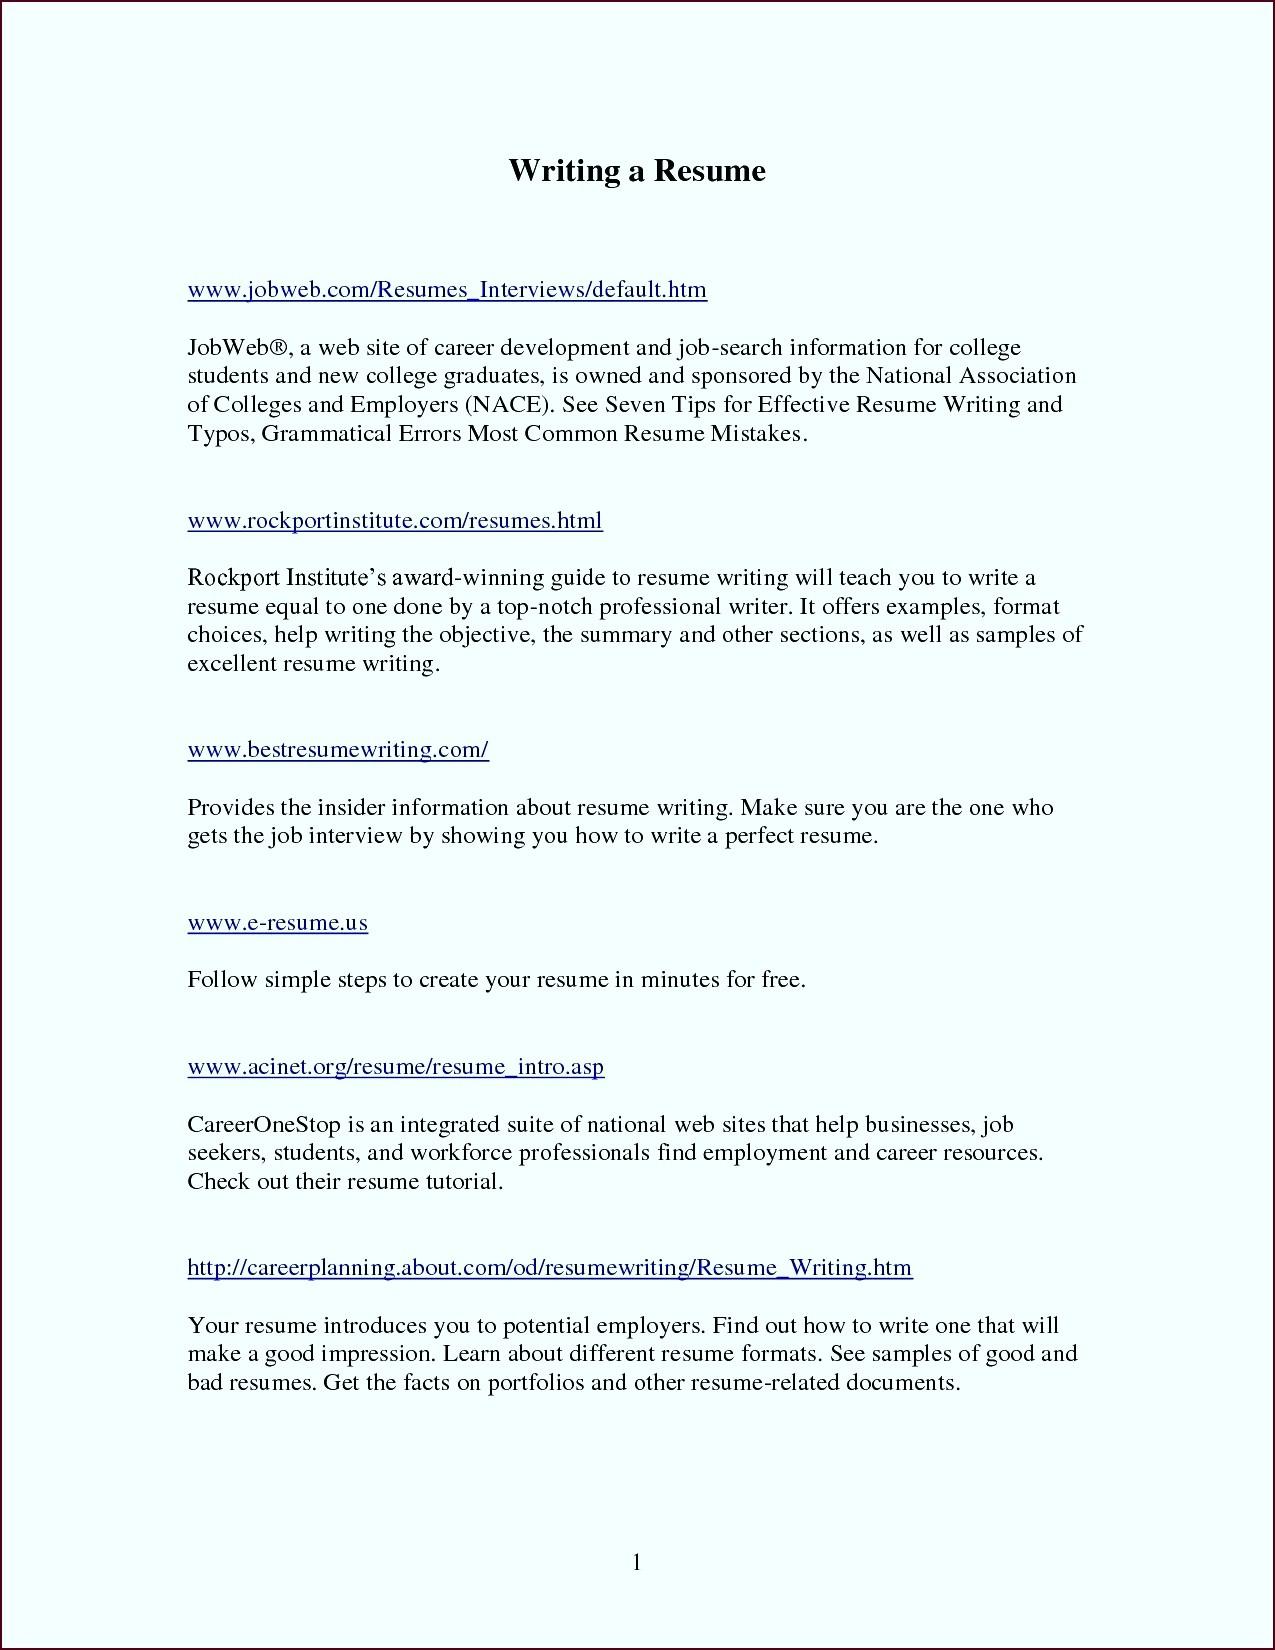 New Employee Offer Letter Template - Cpt Job Fer Letter Sample New 7 Job Fer Letter Template Template